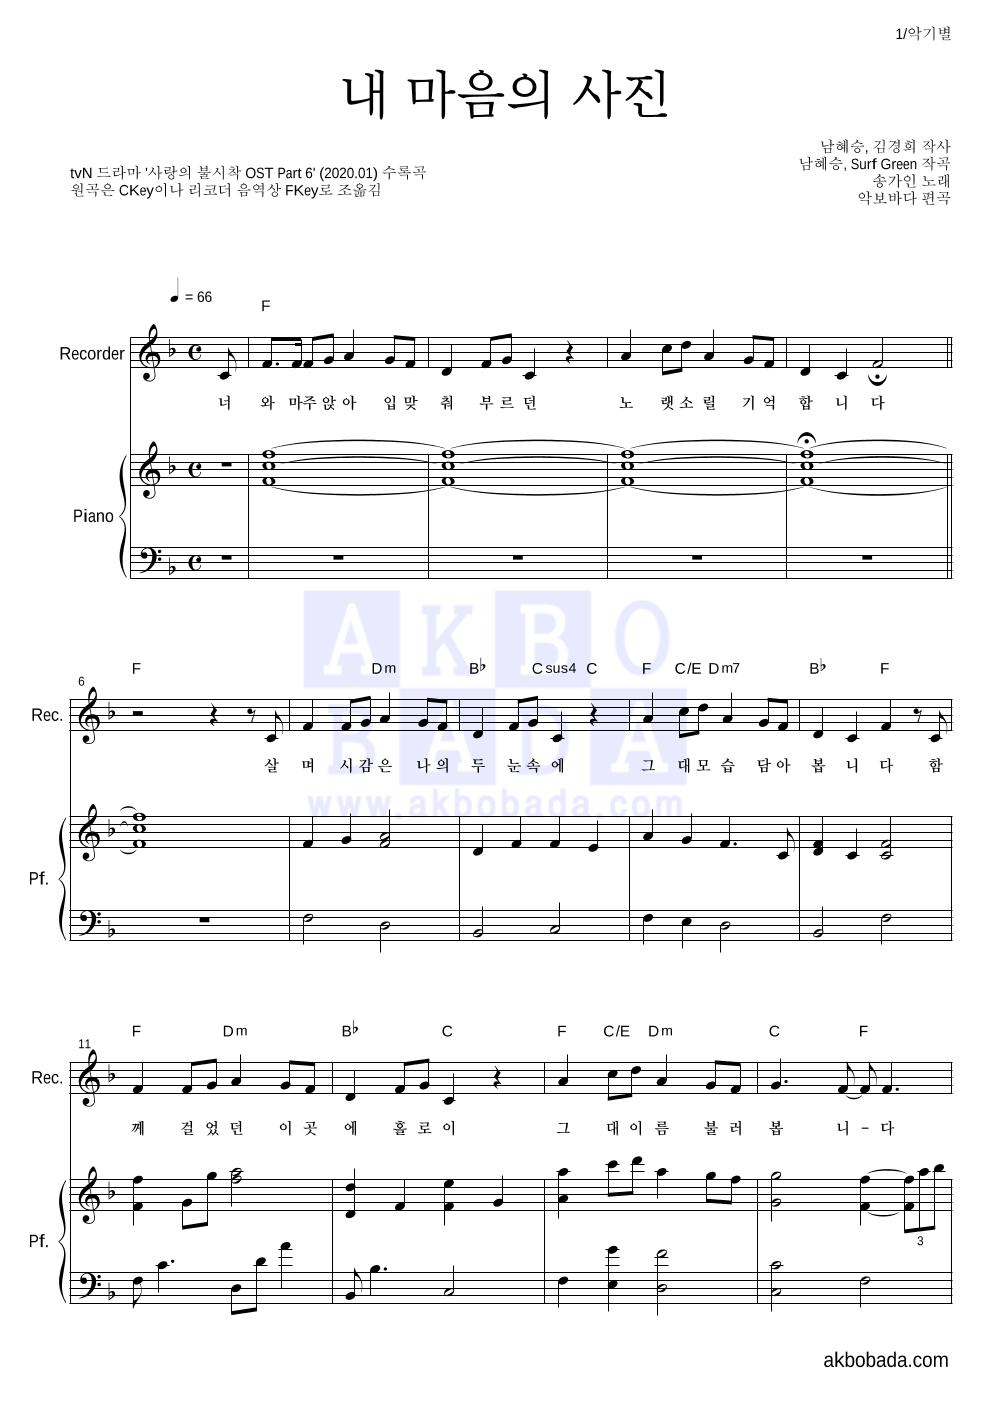 송가인 - 내 마음의 사진 리코더&피아노 악보